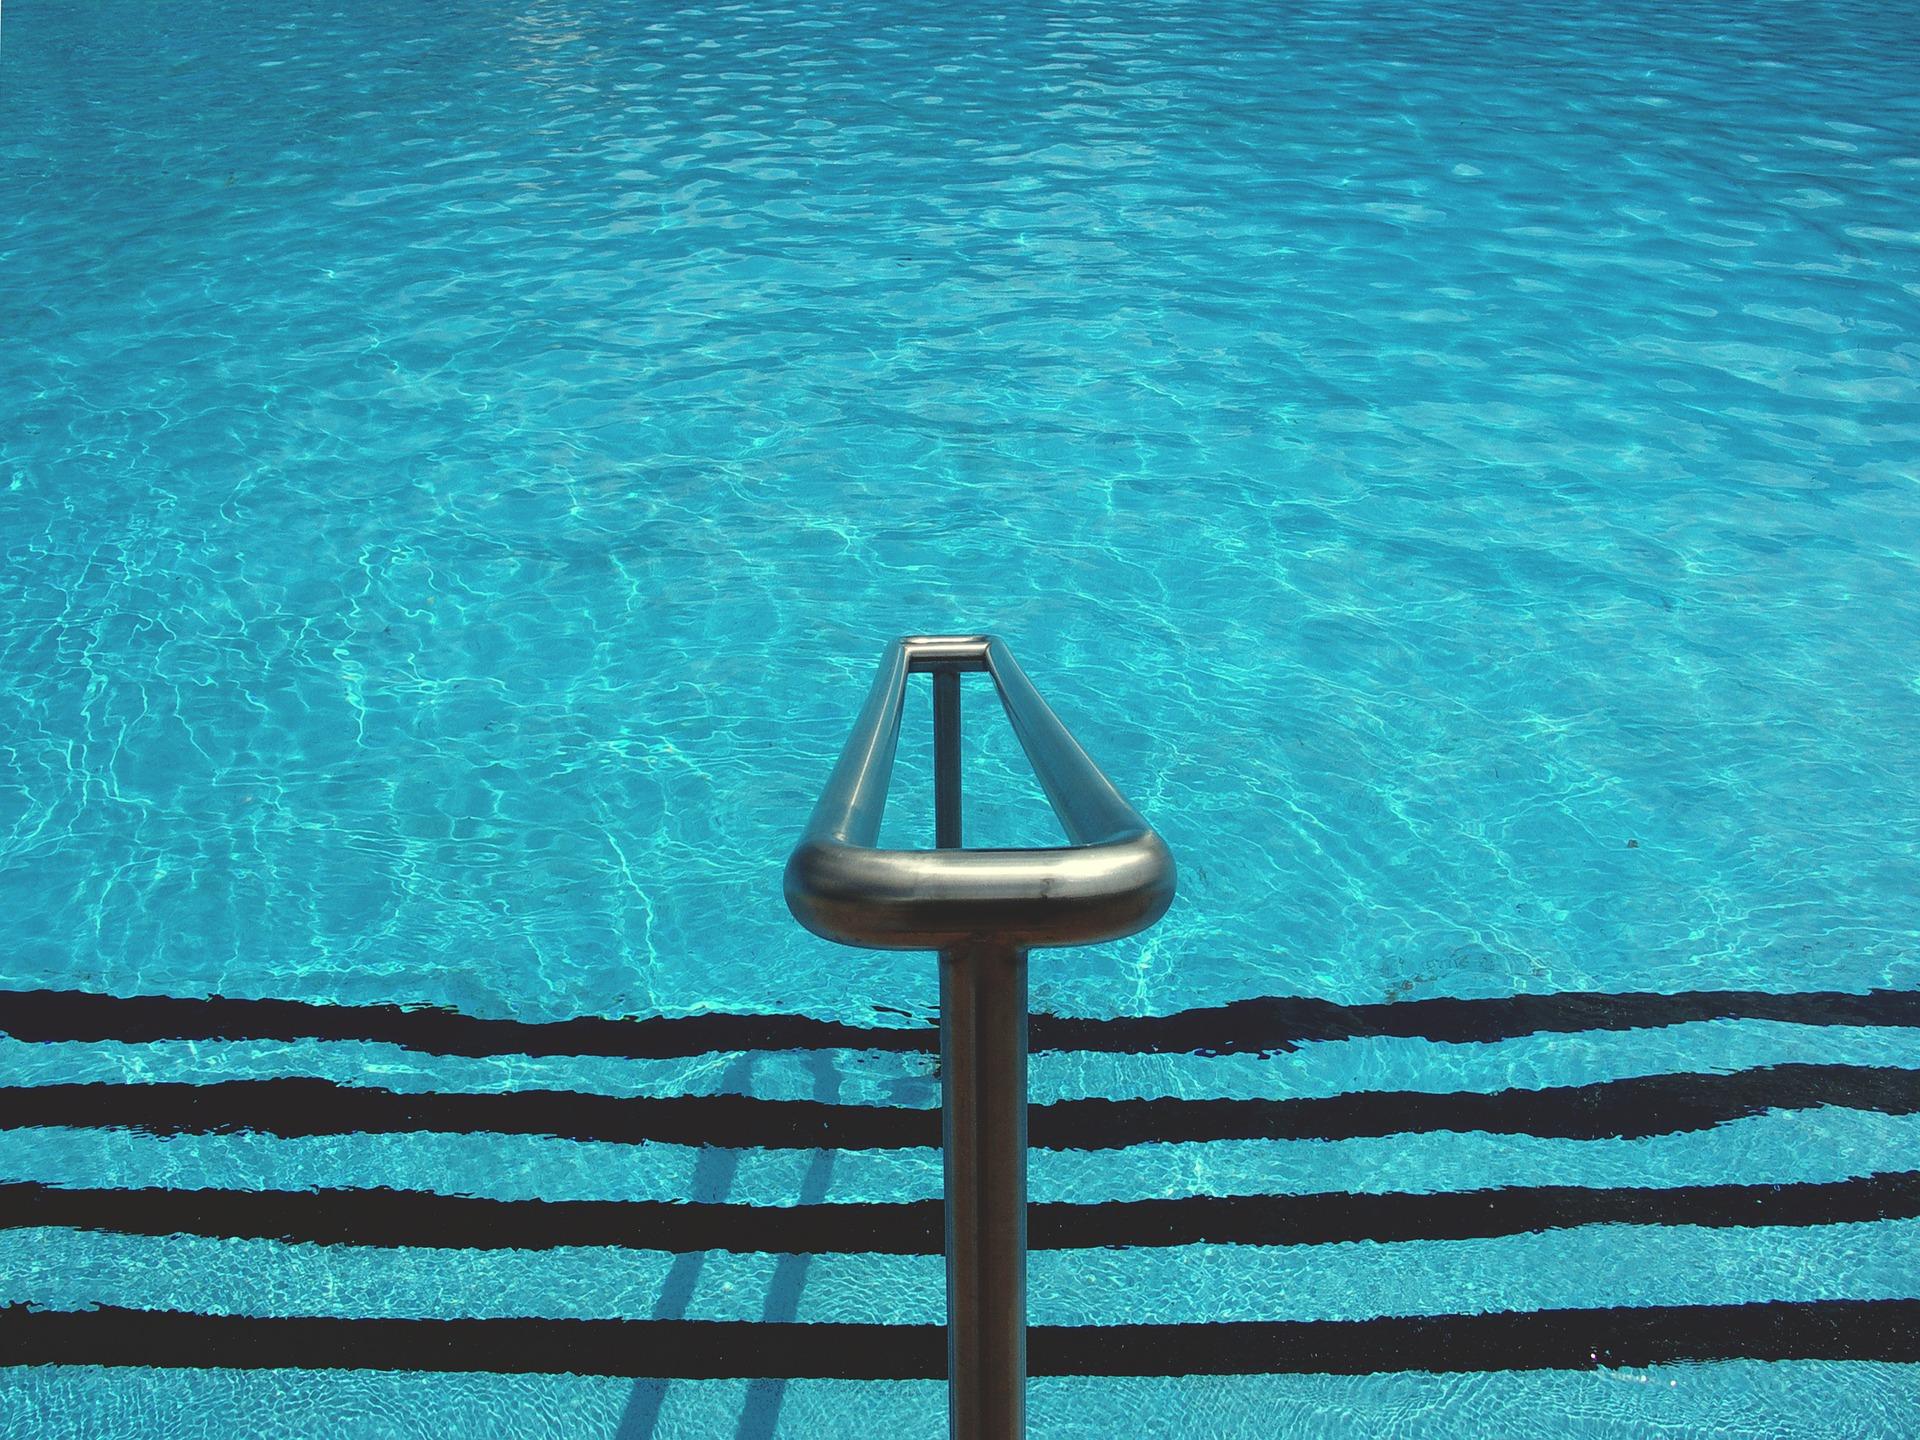 Warnung vor Rutschgefahr im Nassbereich eines Schwimmbades ist nicht erforderlich